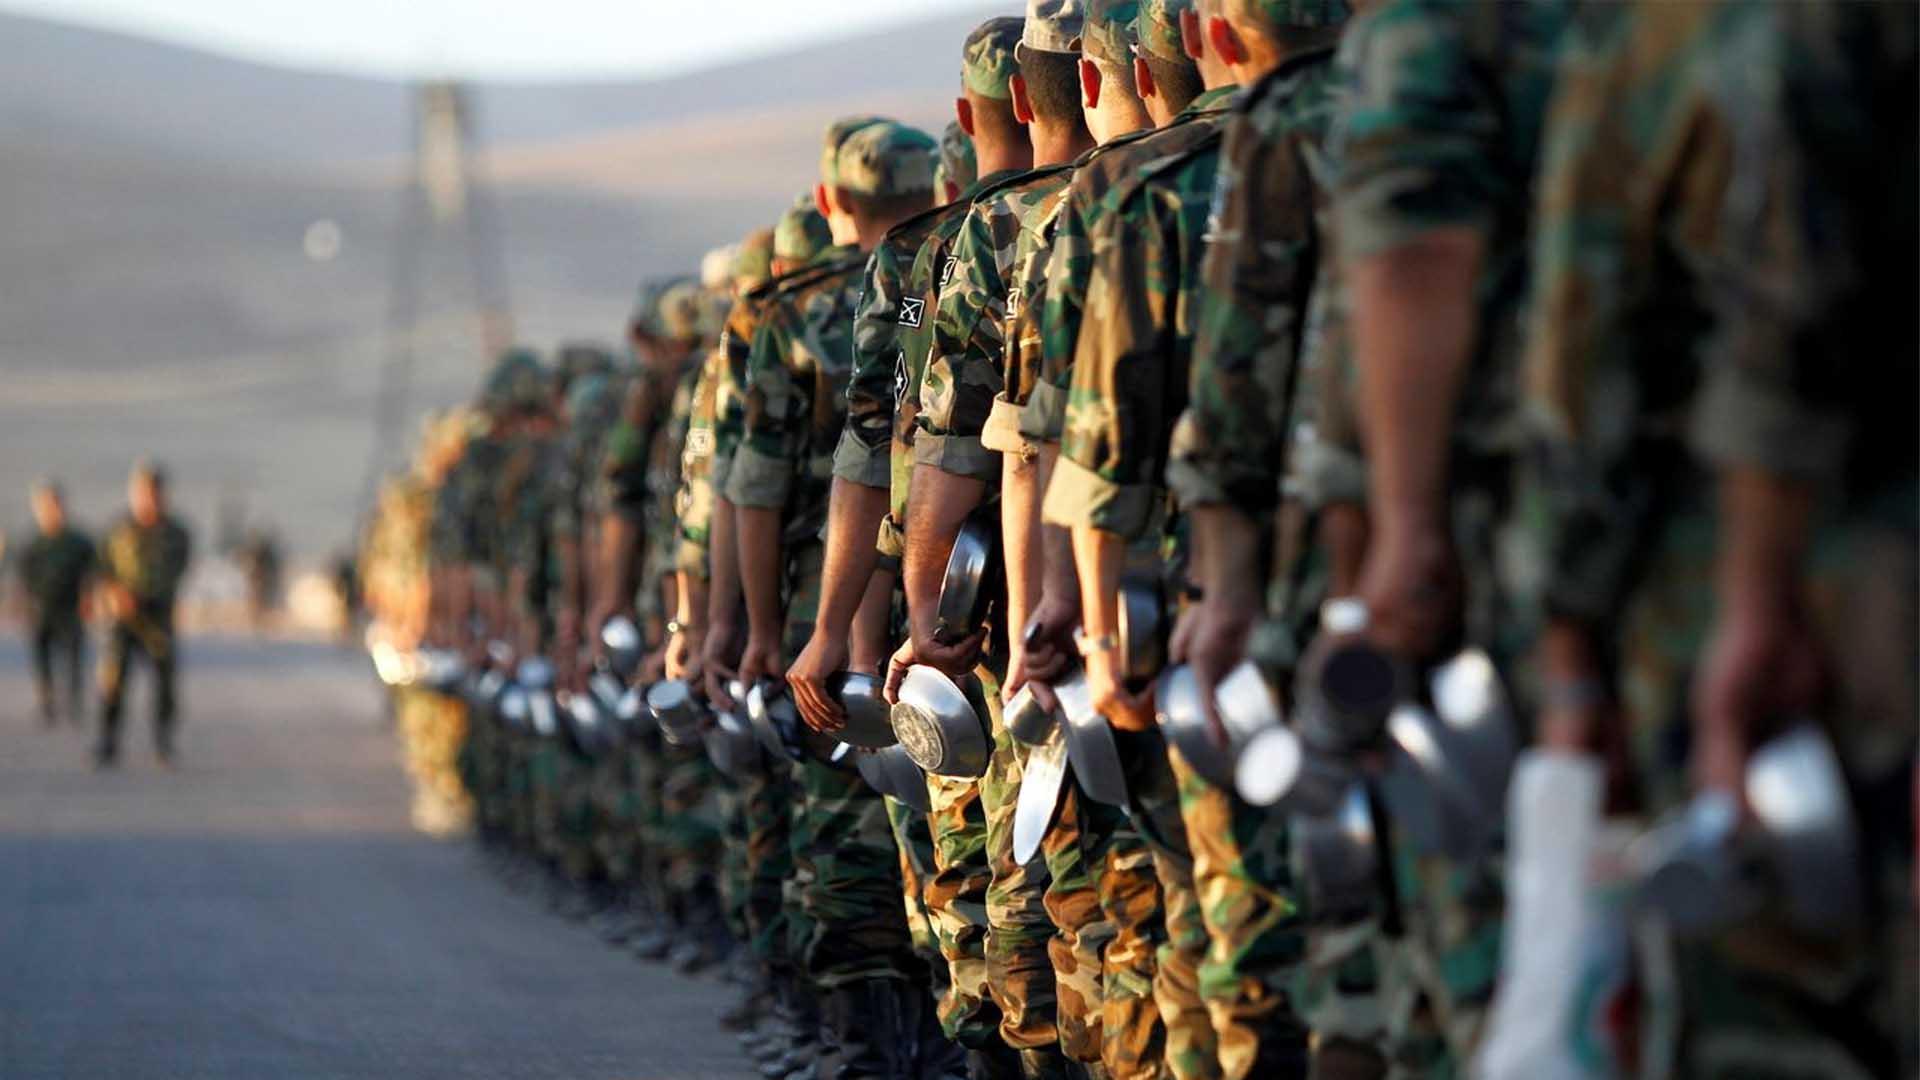 إعادة هيكلة الجيش في سورية الجديدة